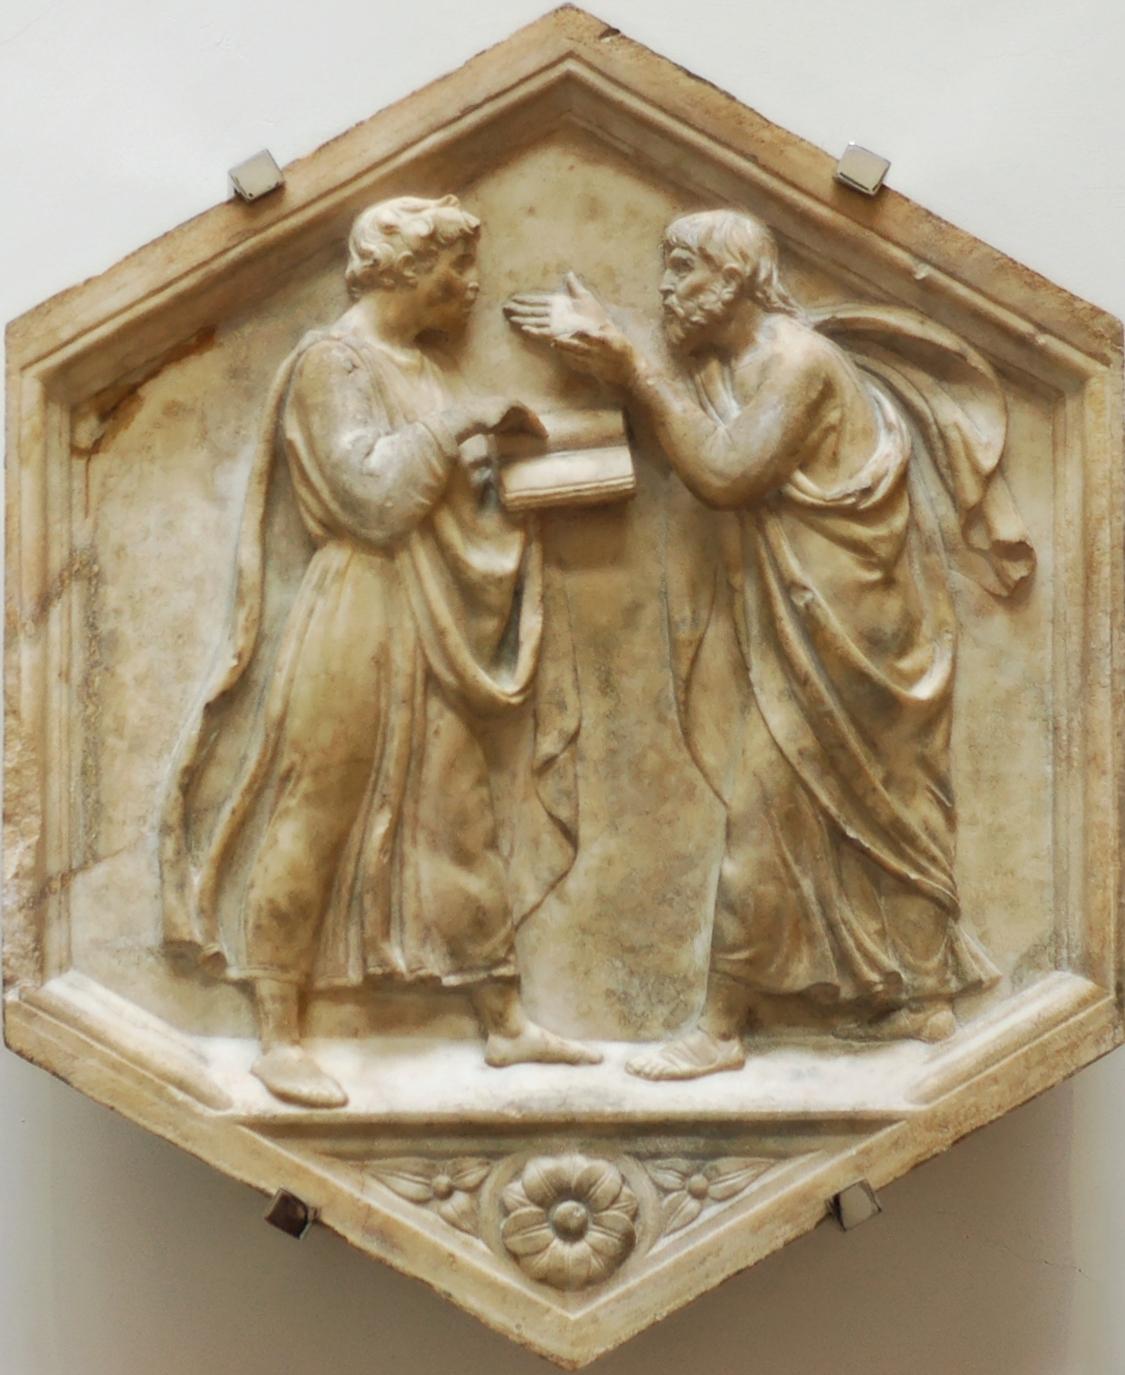 Plato aristotle della robbia